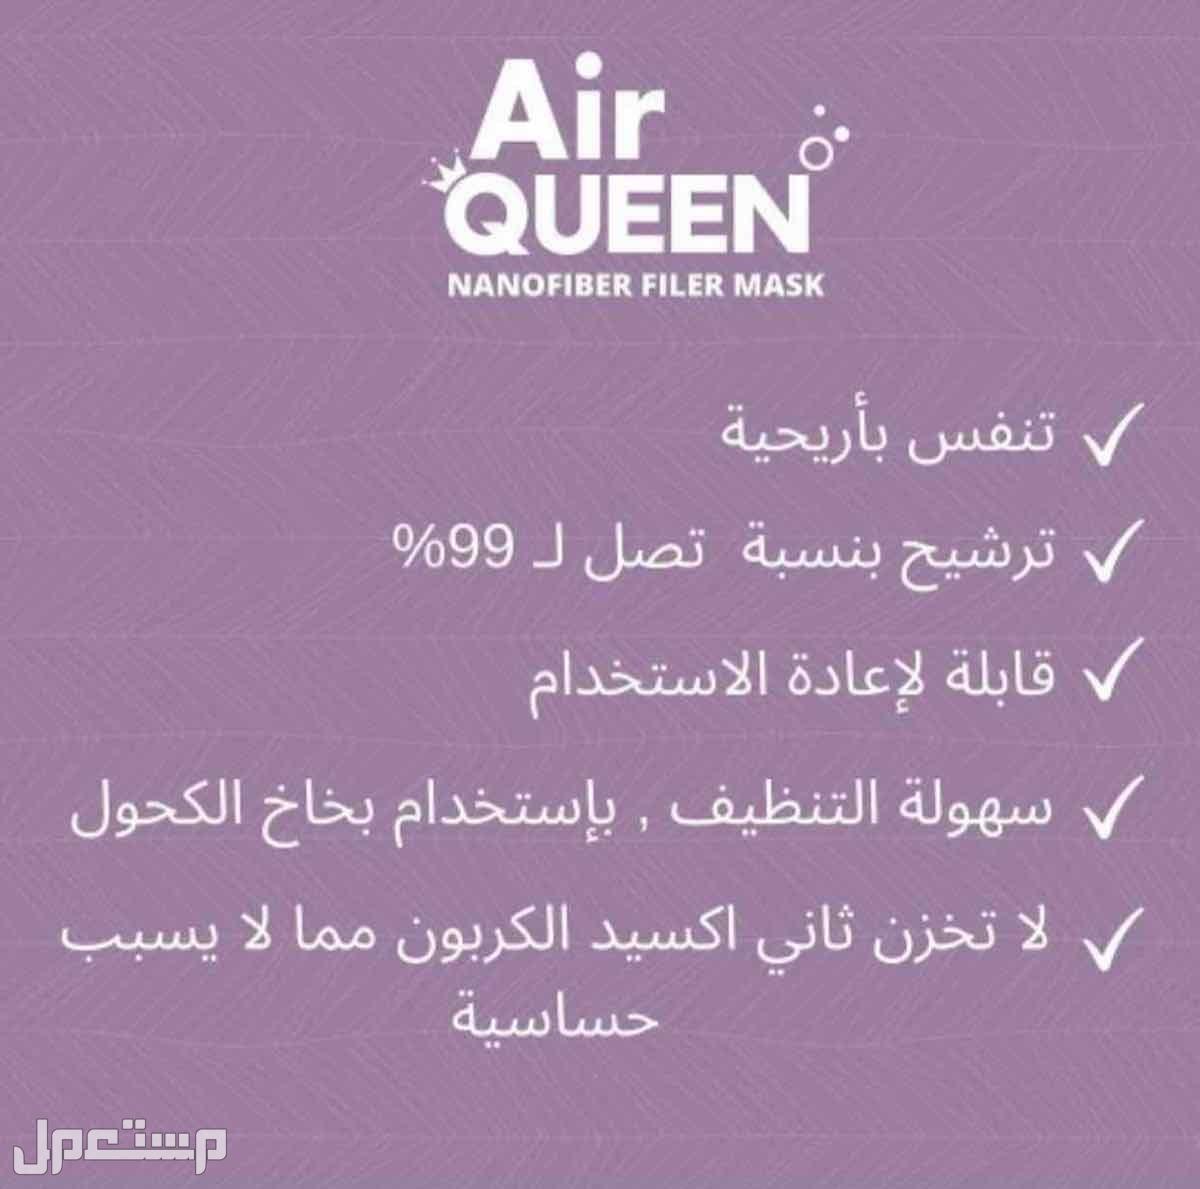 كمامة اير كوين الكوريه الاصليه Air Queen